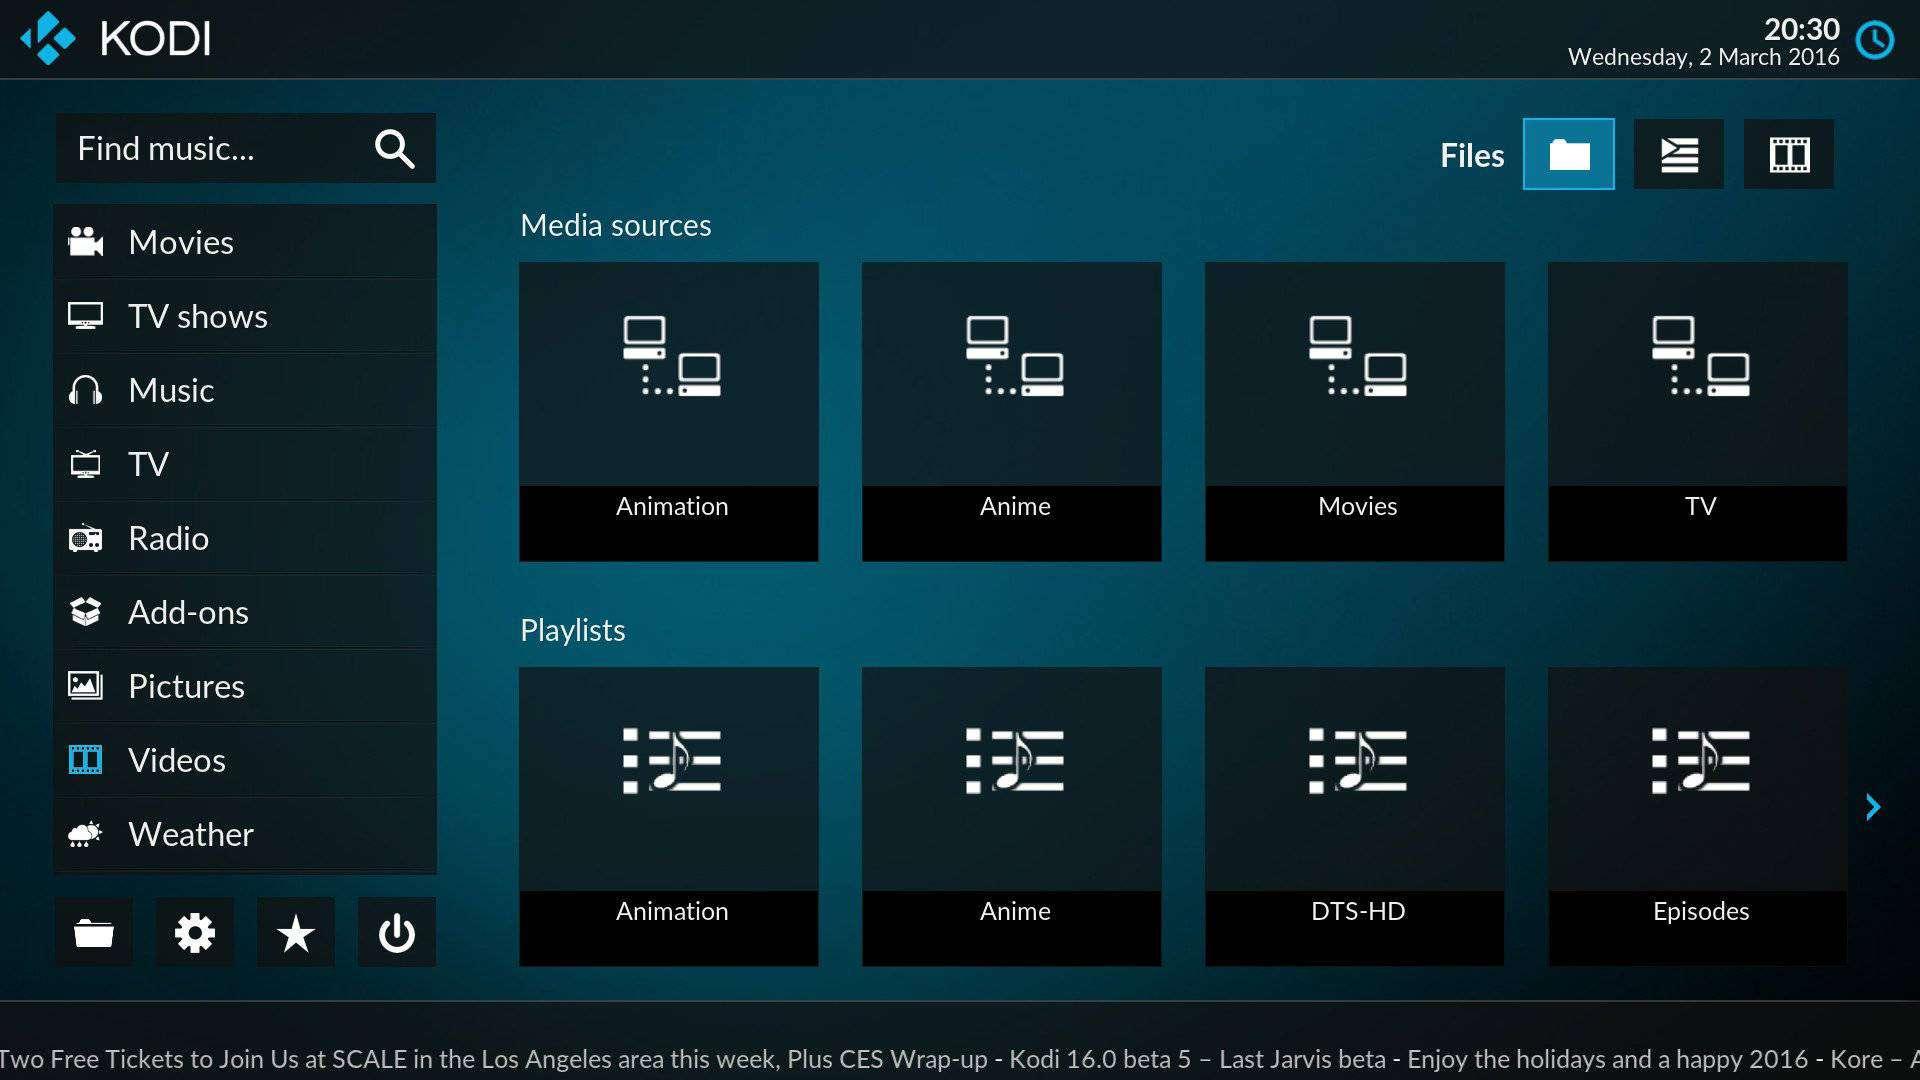 kodi media center redesign 5